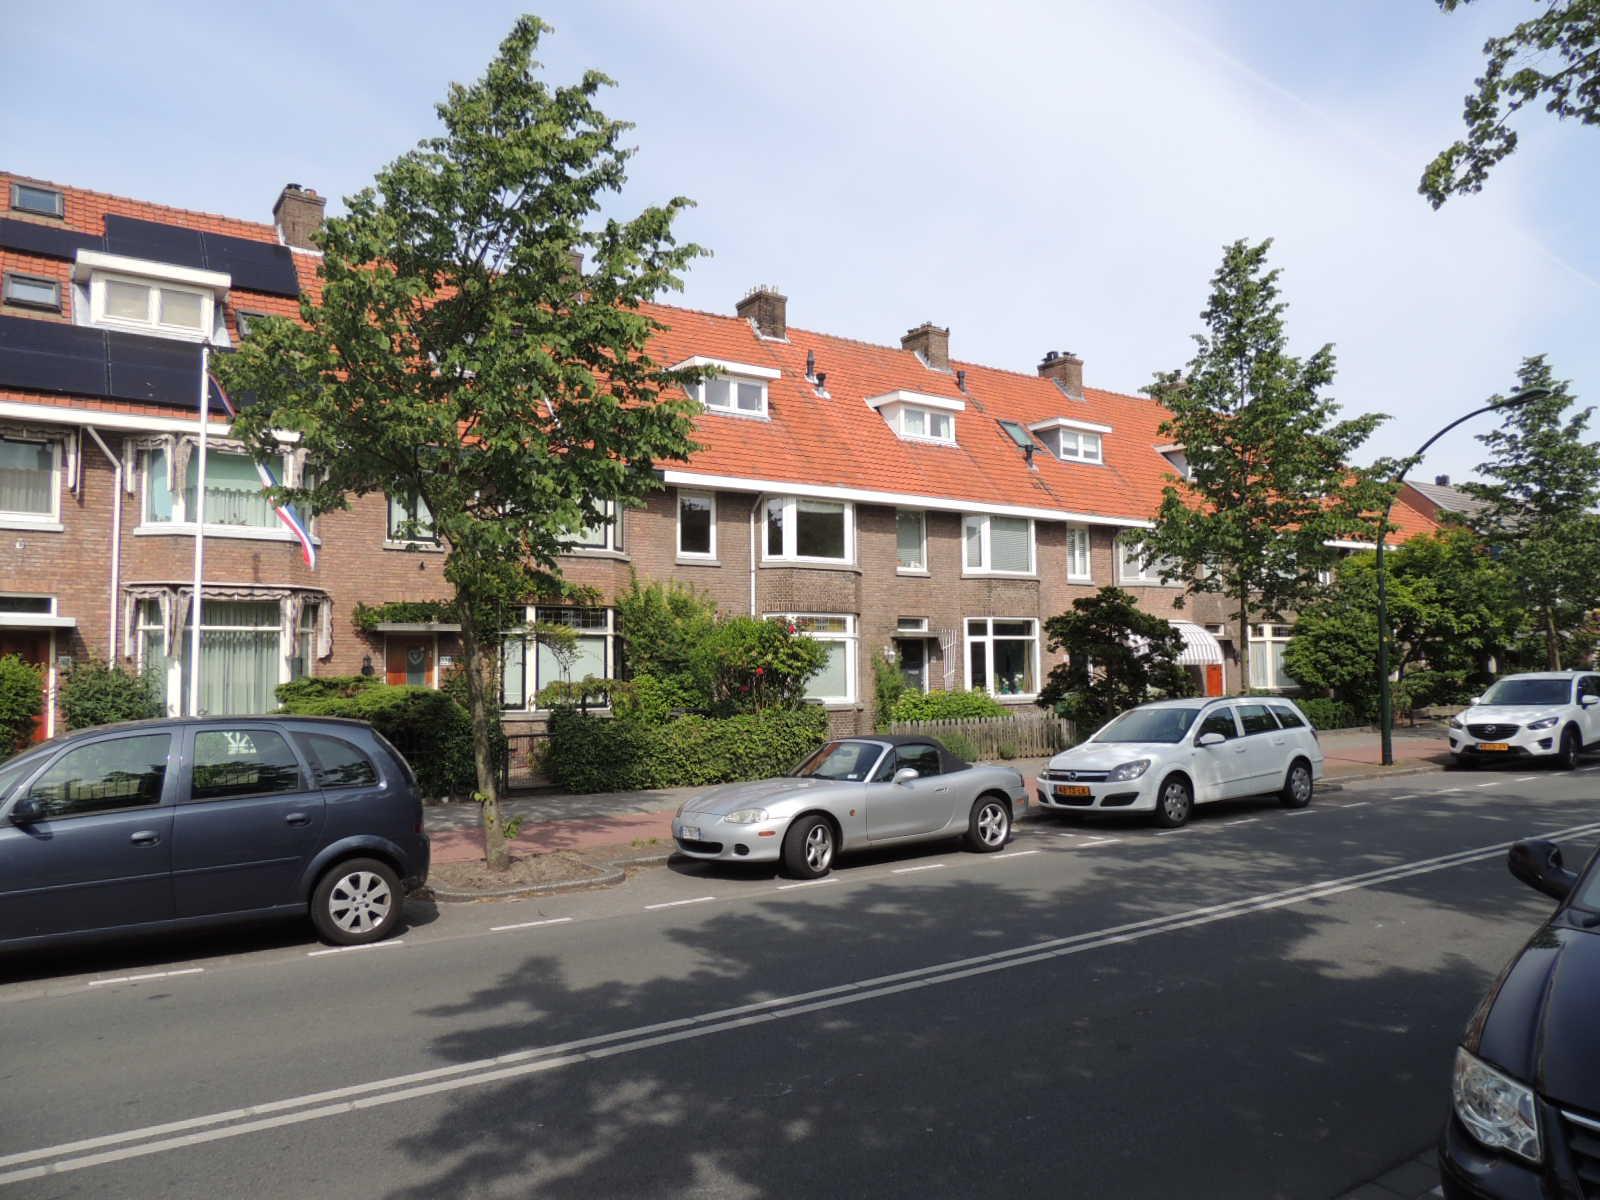 Van Zuylen van Nijeveltstraat, Wassenaar